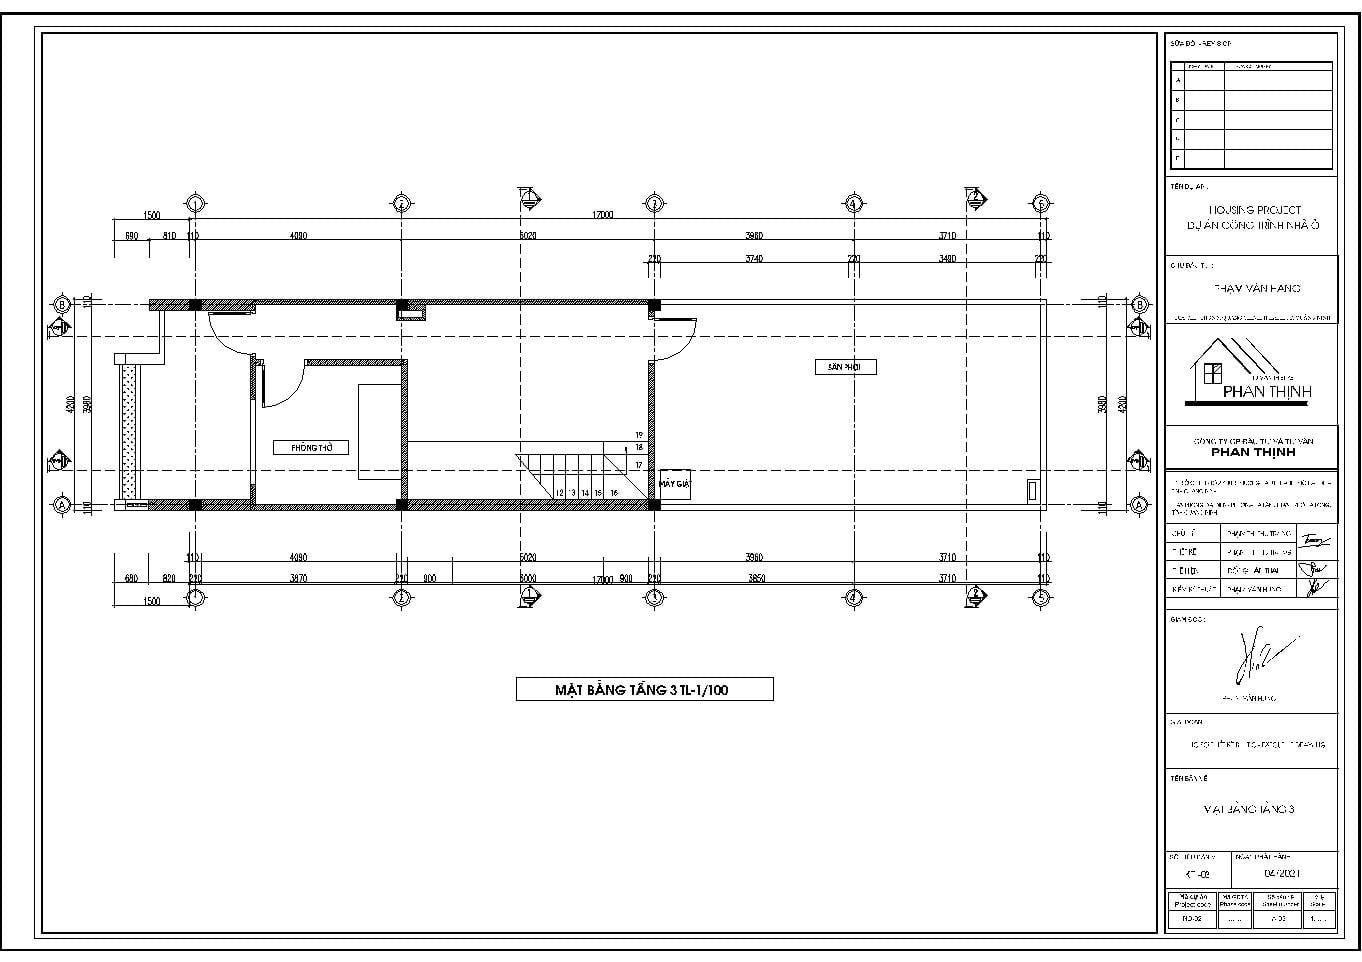 Mặt bằng tầng 3 bản vẽ kiến trúc nhà phố 3 tầng